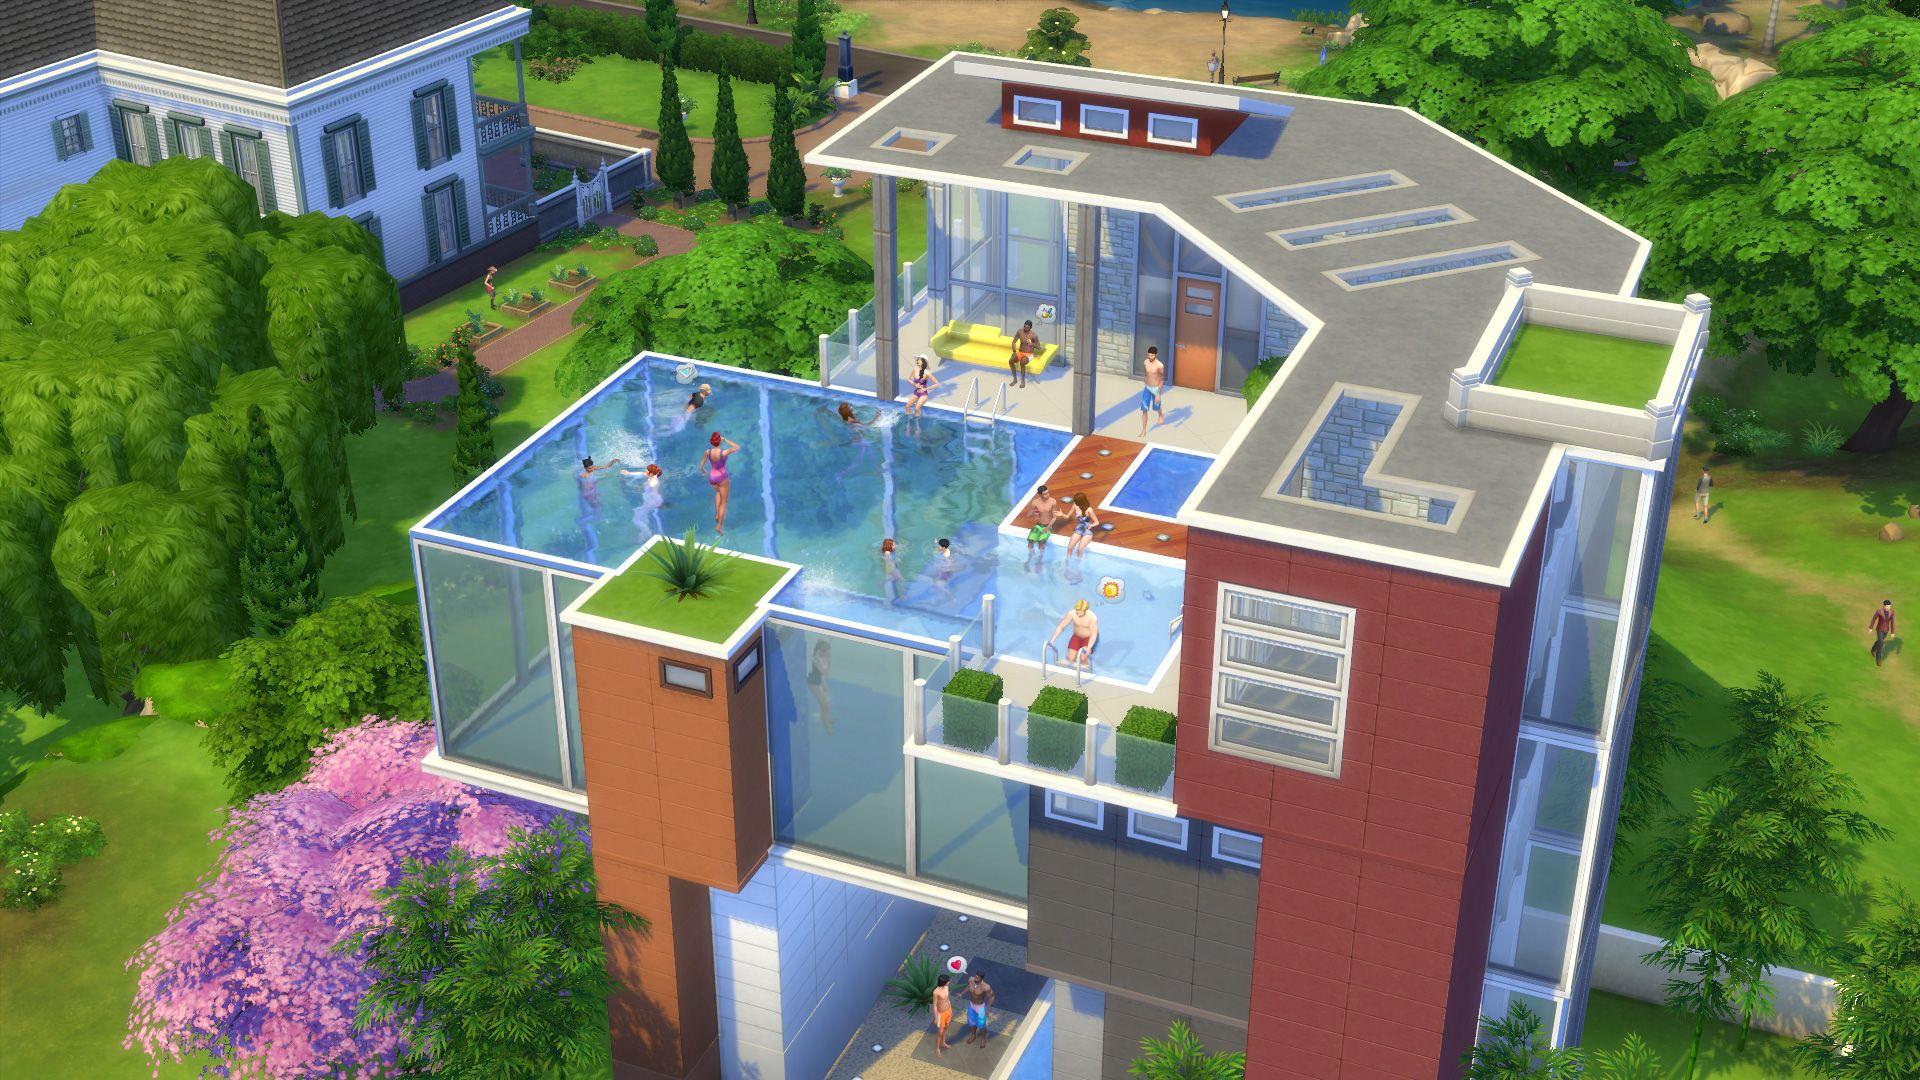 Erfahre Bei Uns Alle Zu Den Pools In Die Sims 4 Welche Moglichkeiten Und Neuerungen Es Fur Deine Gibt Erfahrst Du Diesem Artikel